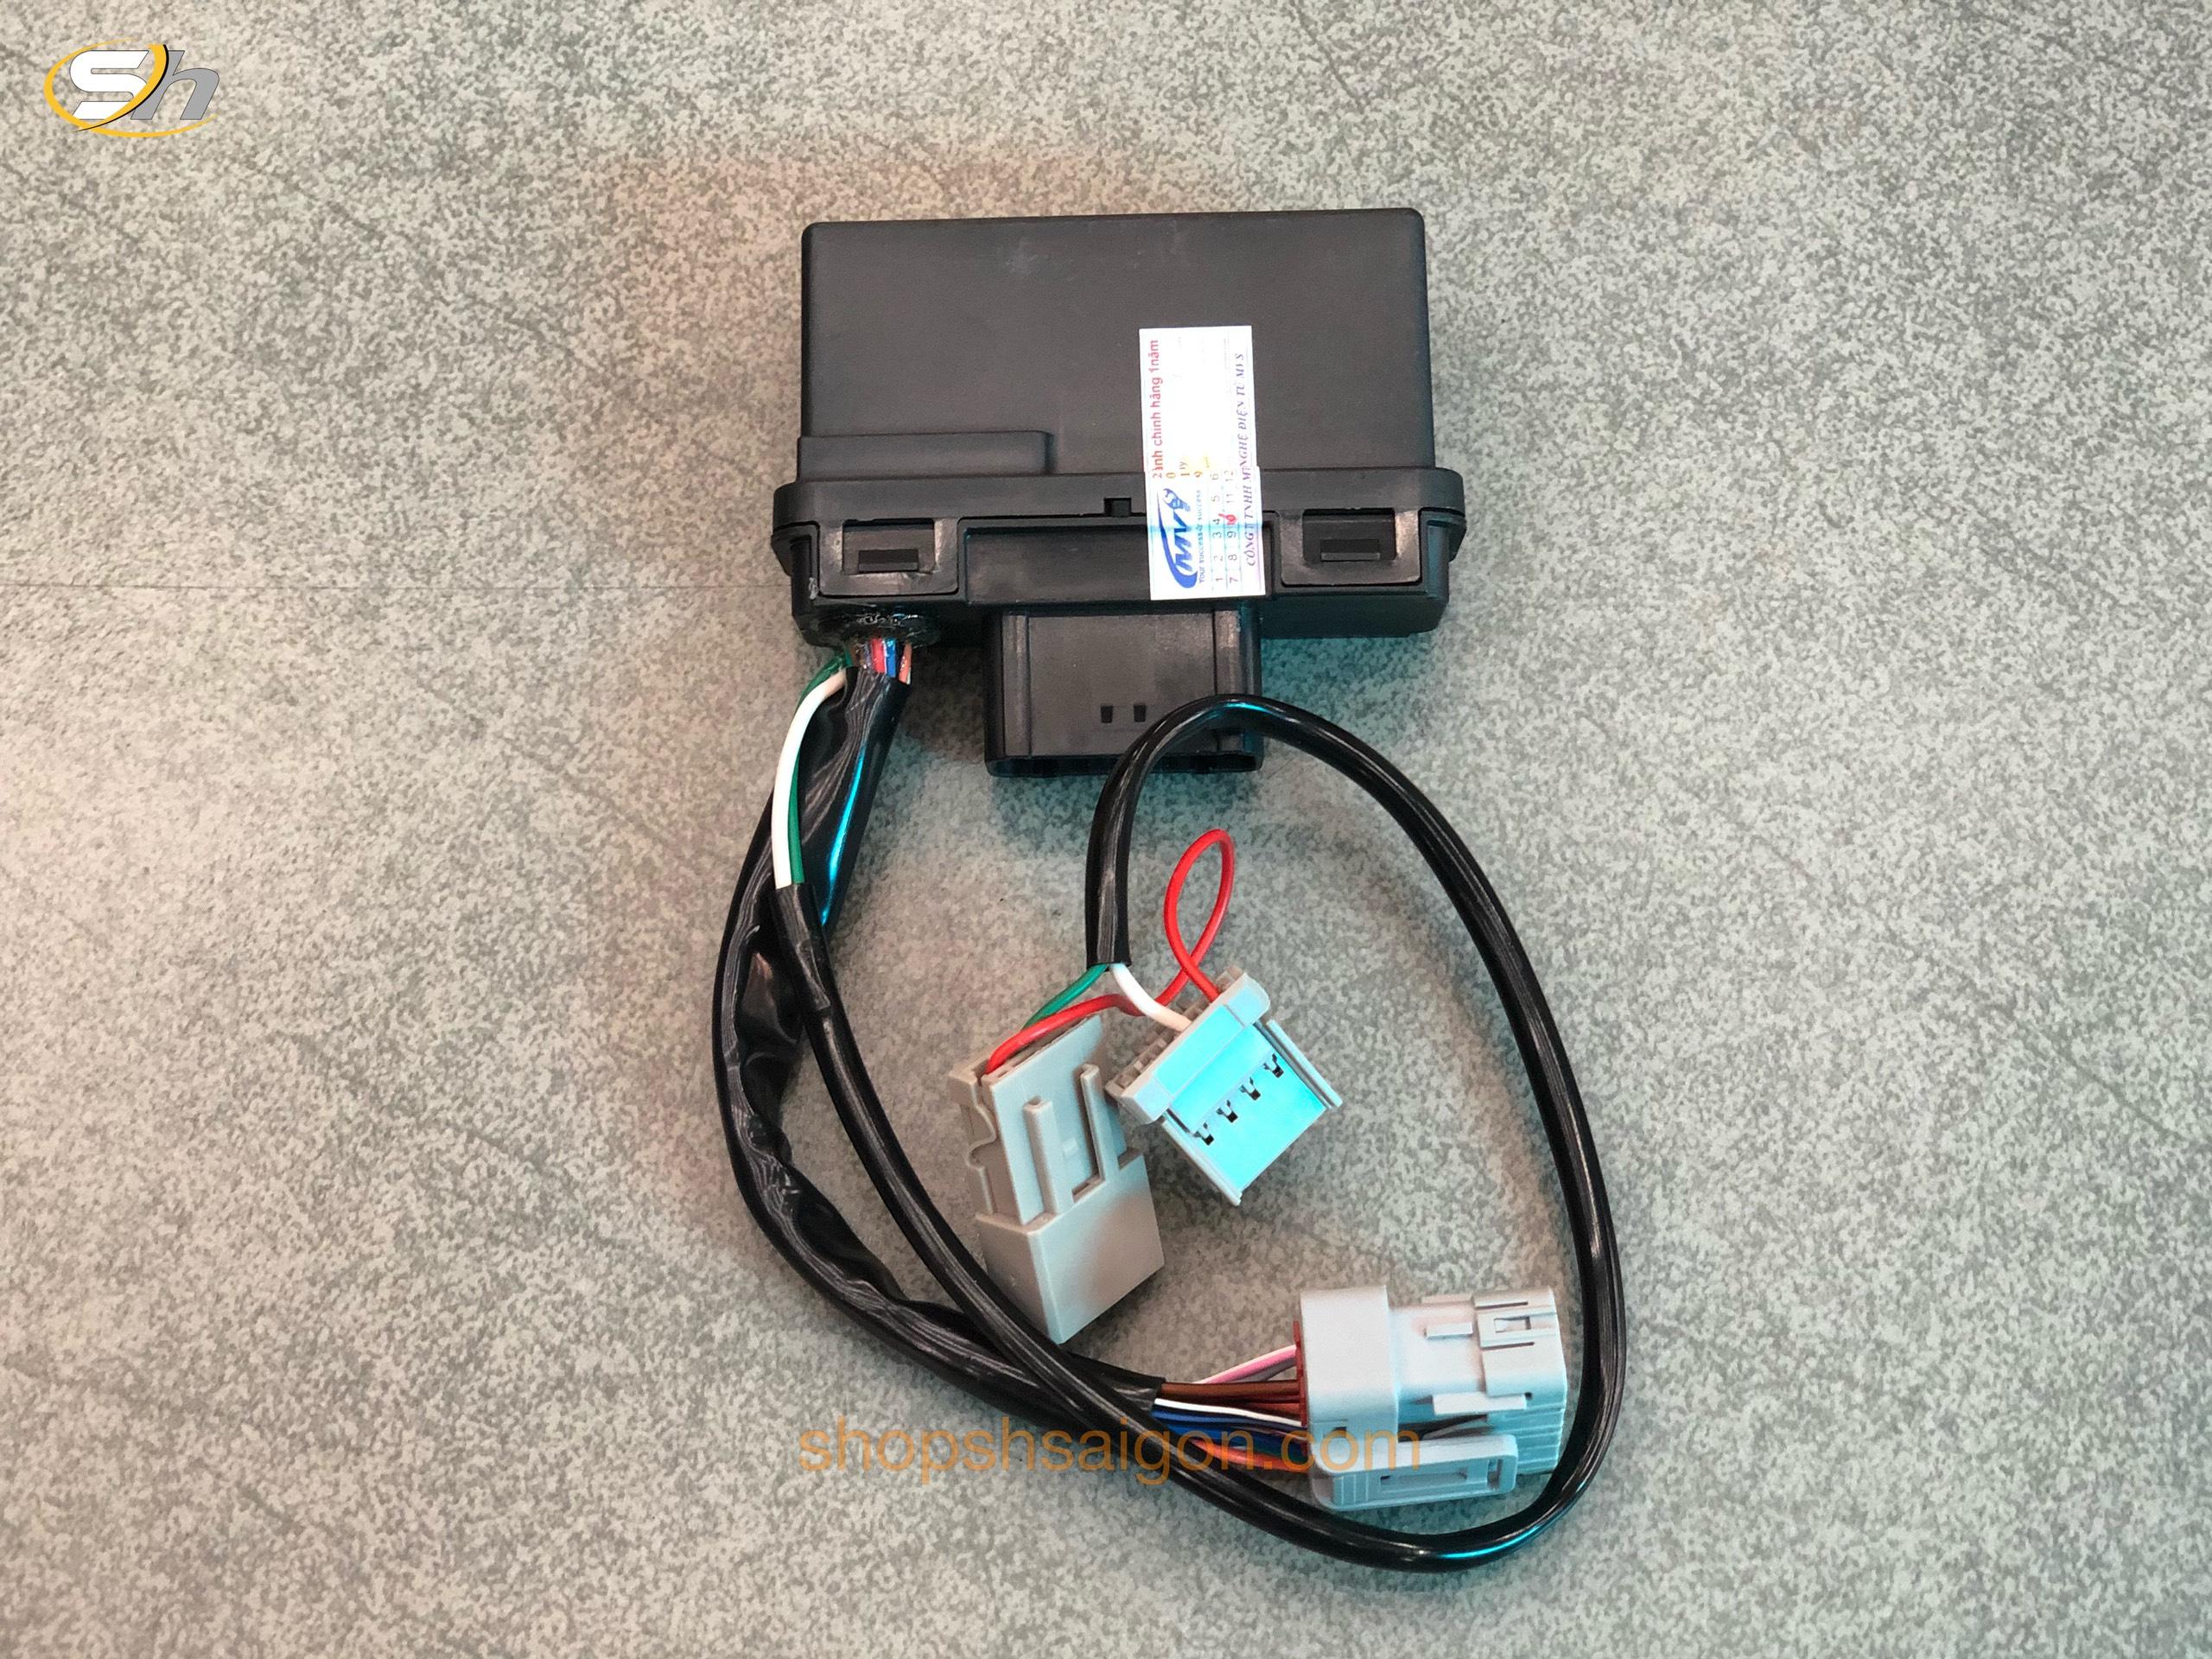 Bộ ECU Chống cướp - Quên tắt máy xe SMARTKEY UP 2